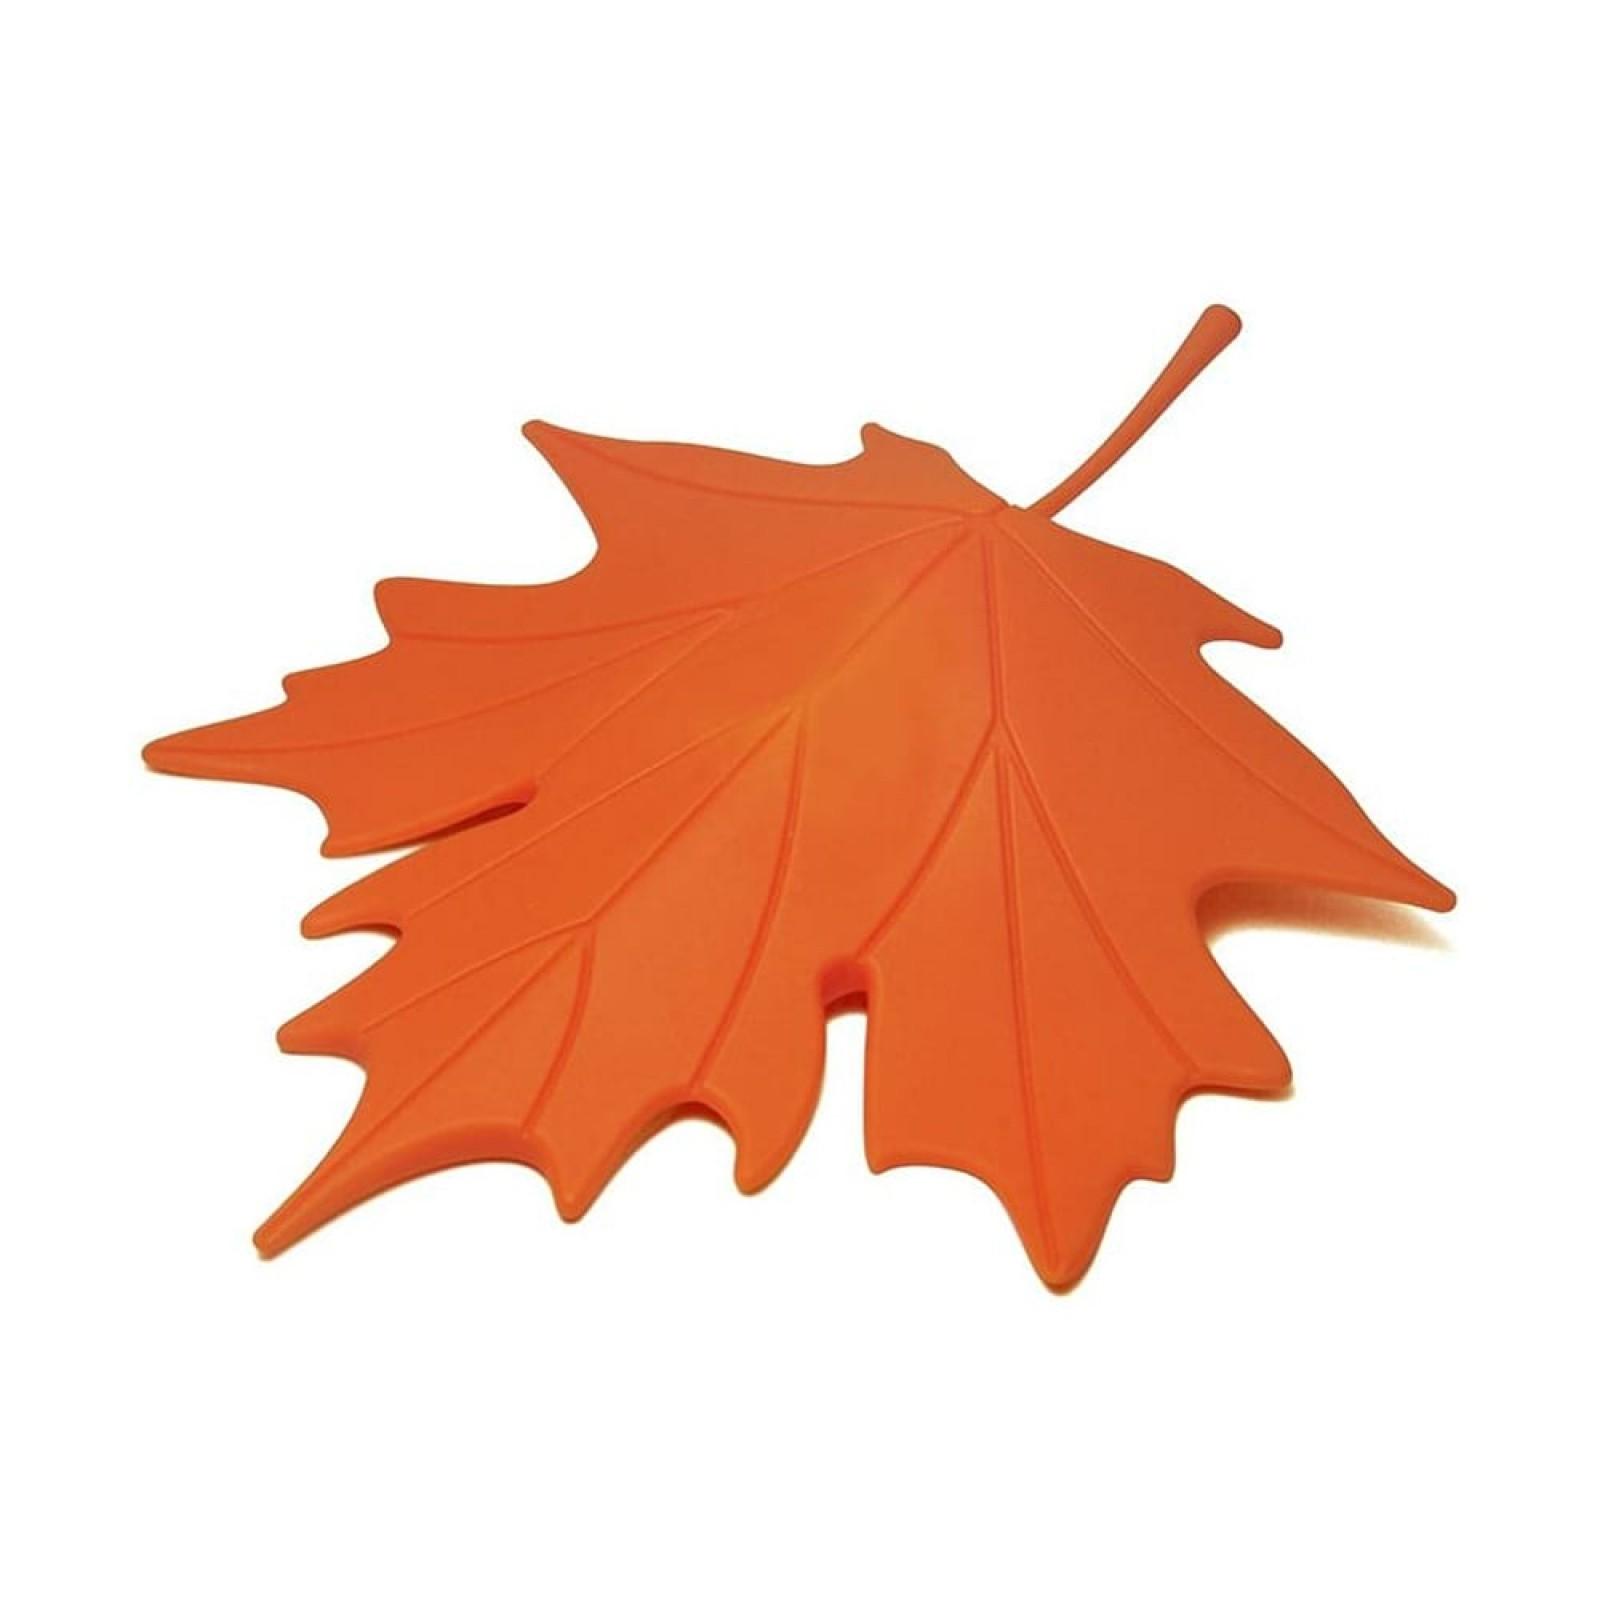 Στοπ Πόρτας Autumn (Πορτοκαλί) - Qualy